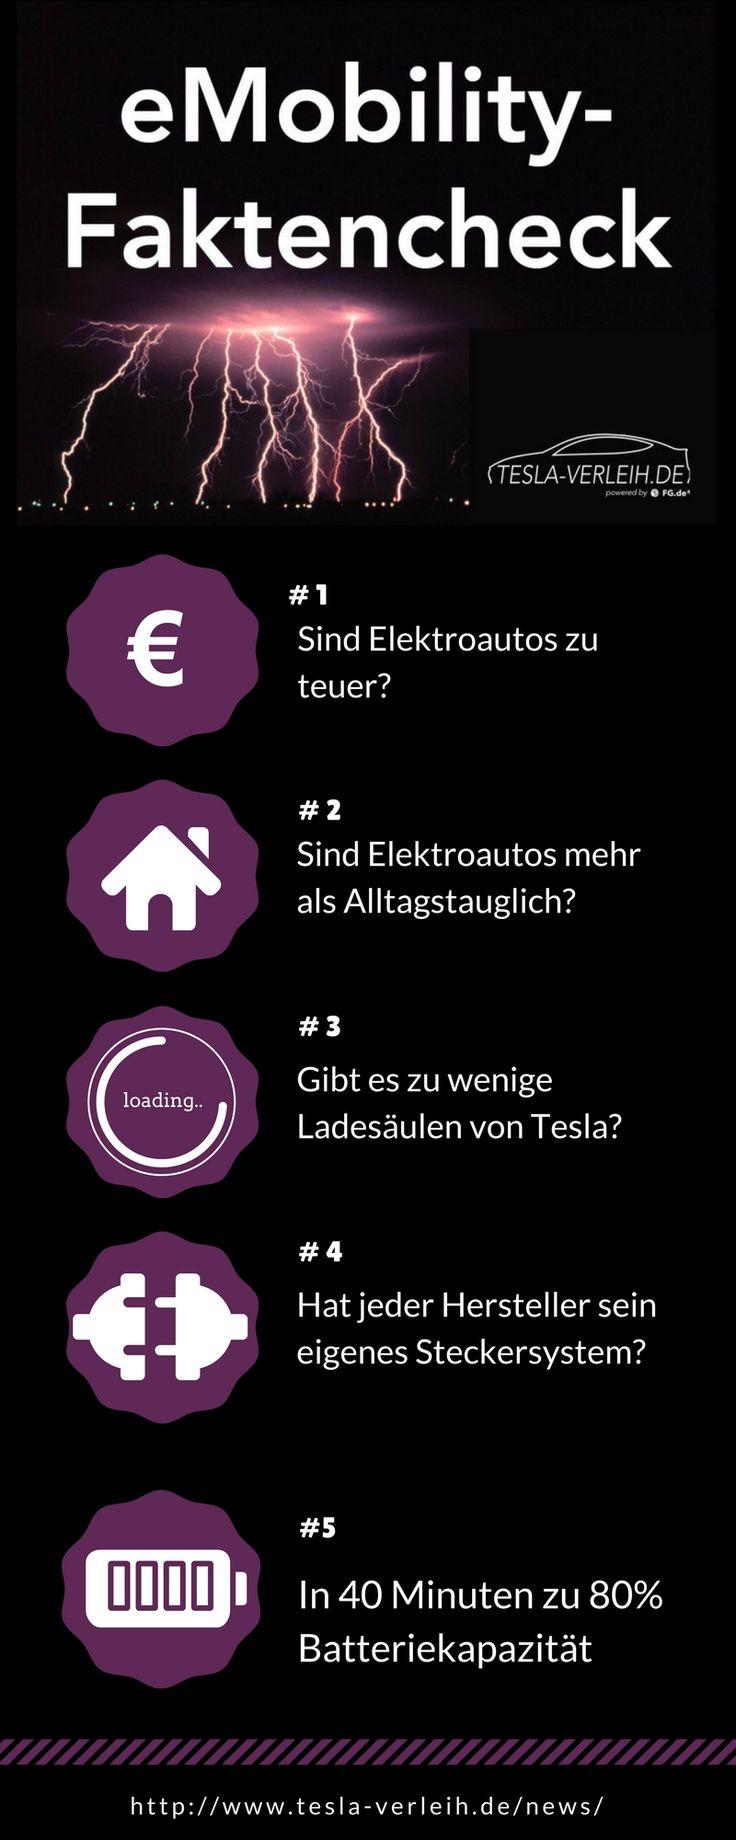 eMobility Fakten Check #5: Batteriekapazität schnell aufladen Elektromobilität testen